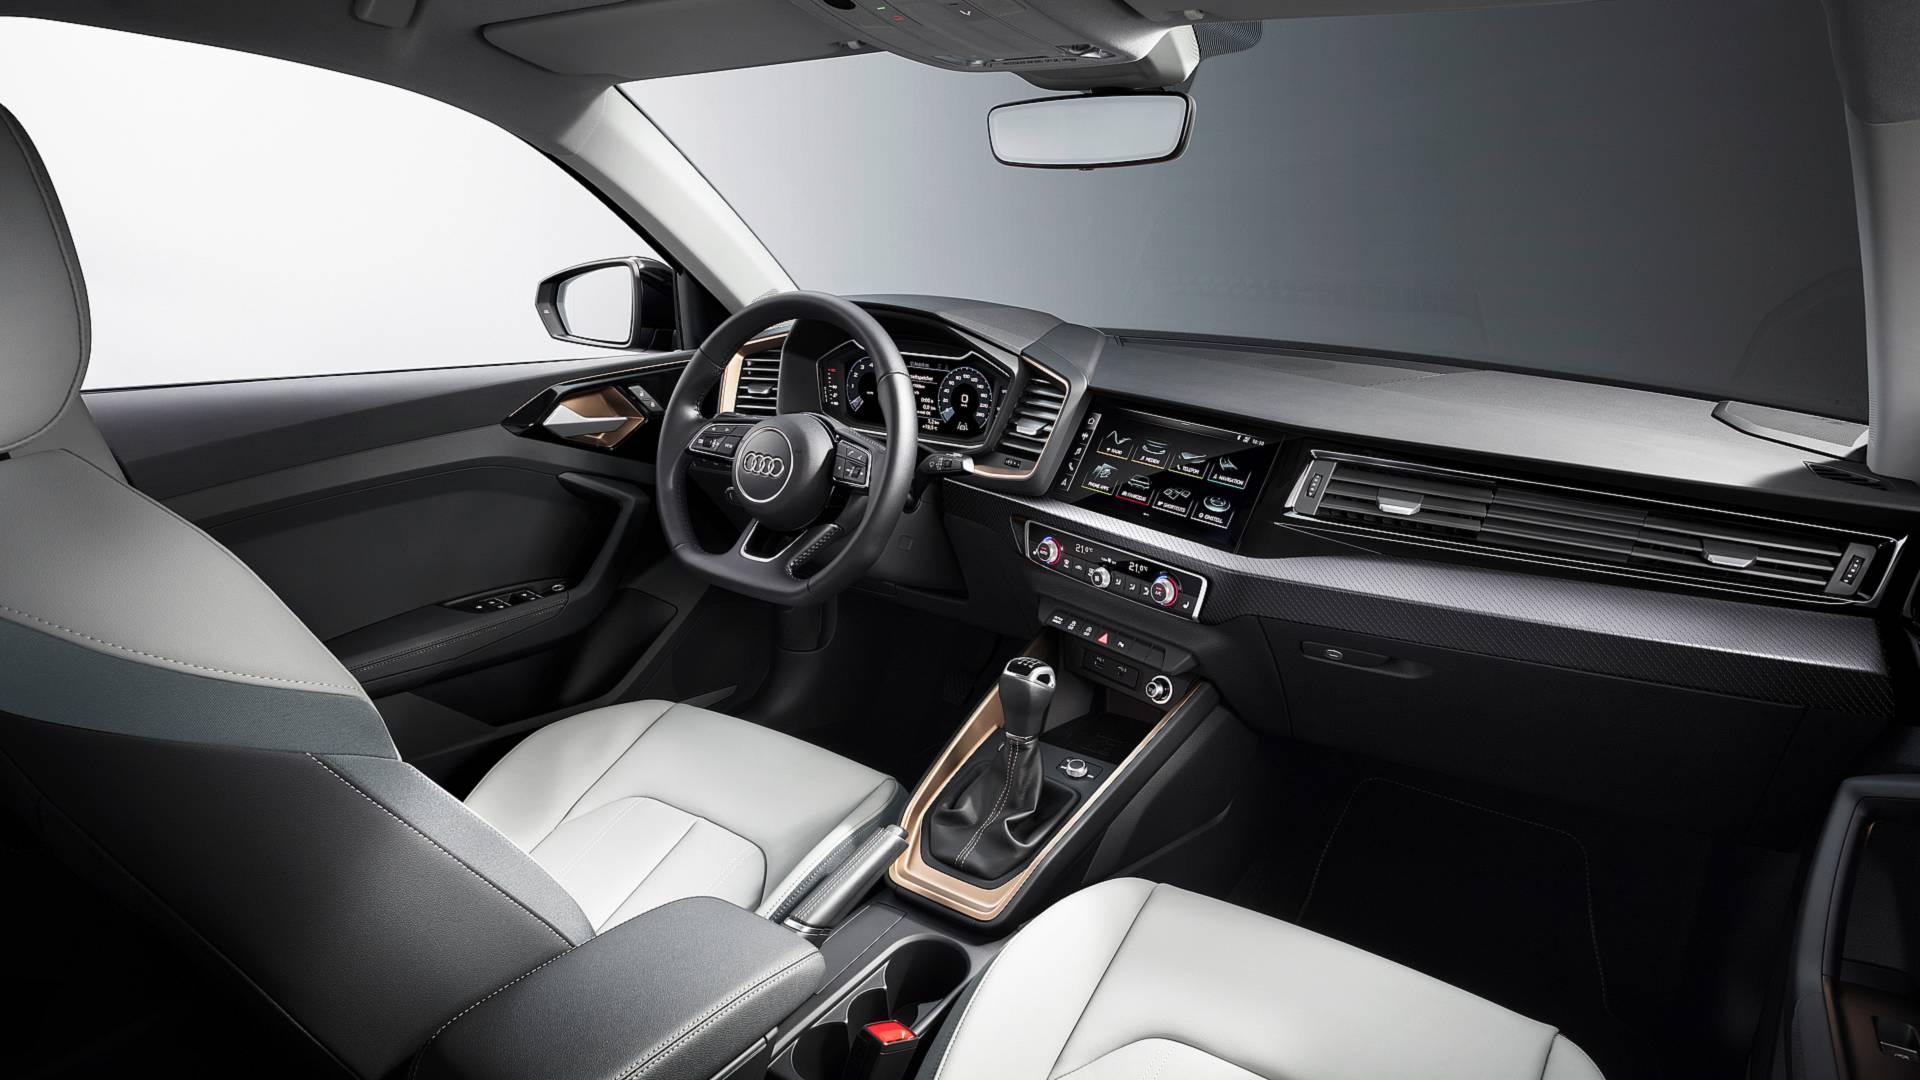 2019 Audi A1 Sportback Revealed, 40 TFSI Boasts 2.0-liter ...